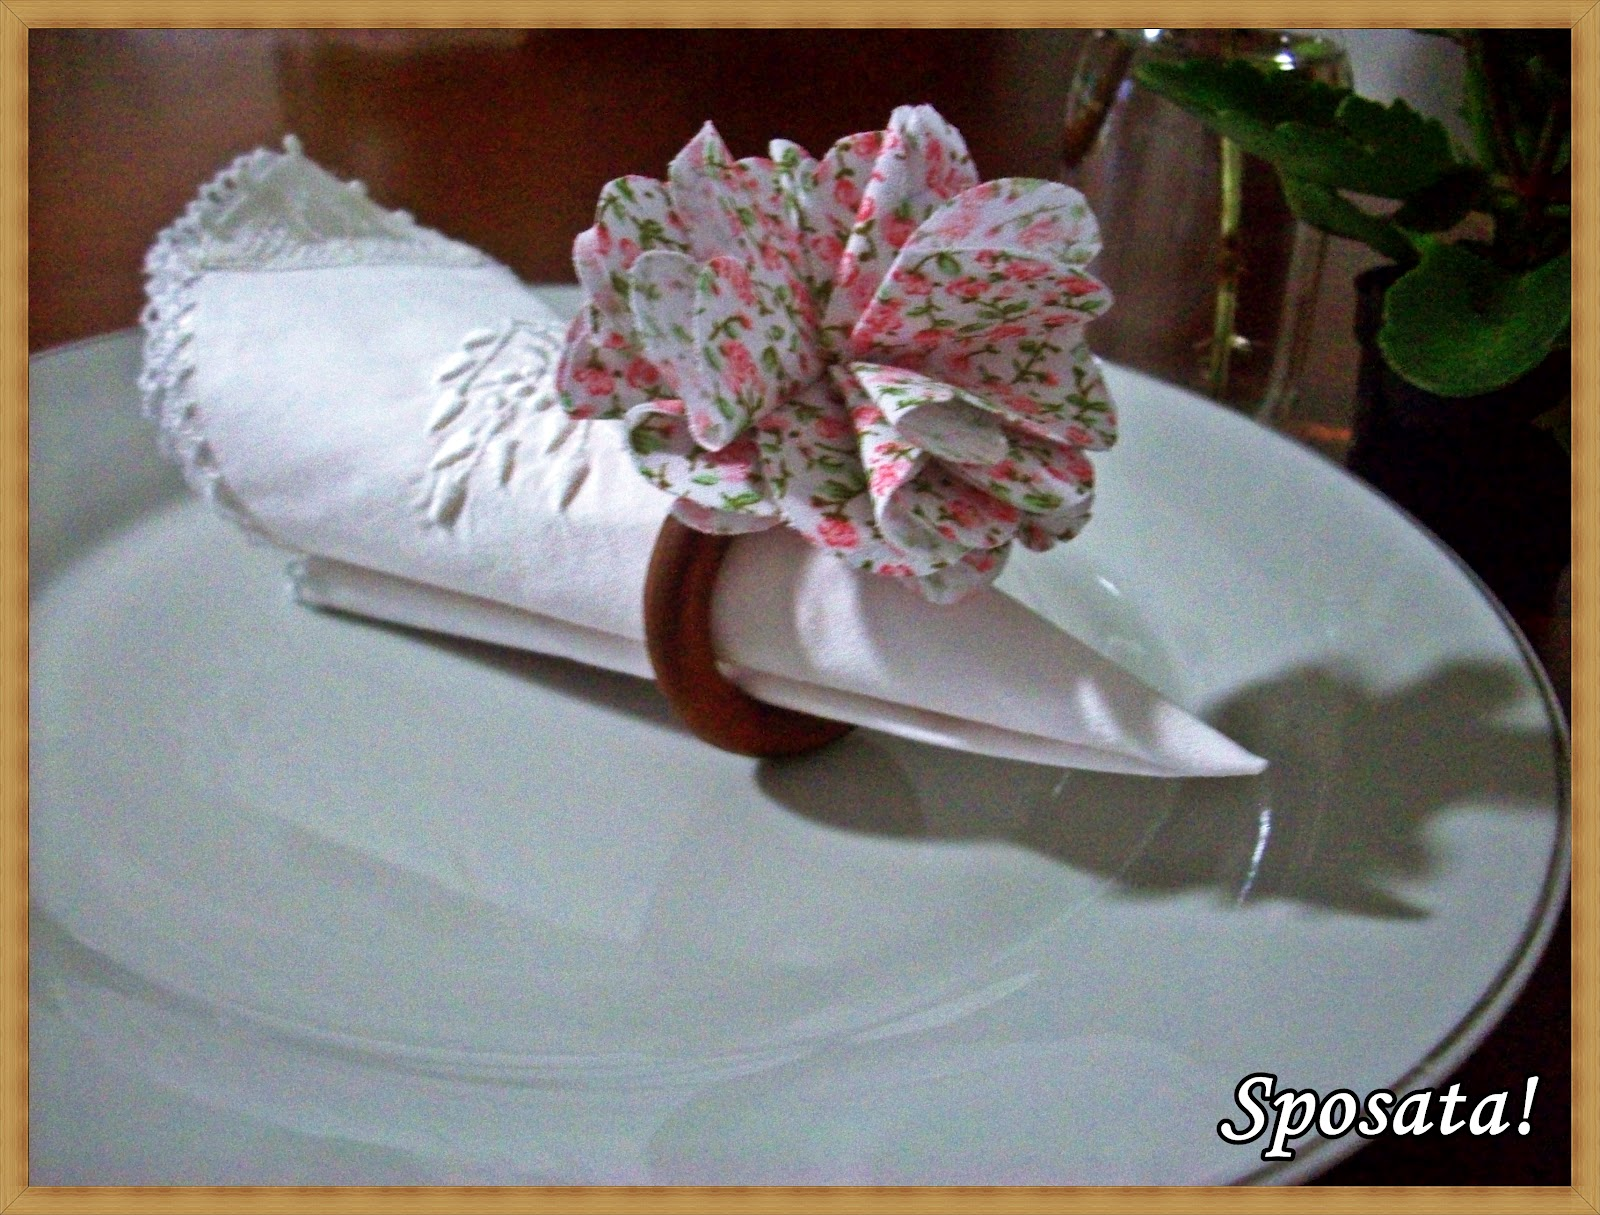 !: Passo a passo Porta guardanapo de madeira com flor de tecido #916C3A 1600x1215